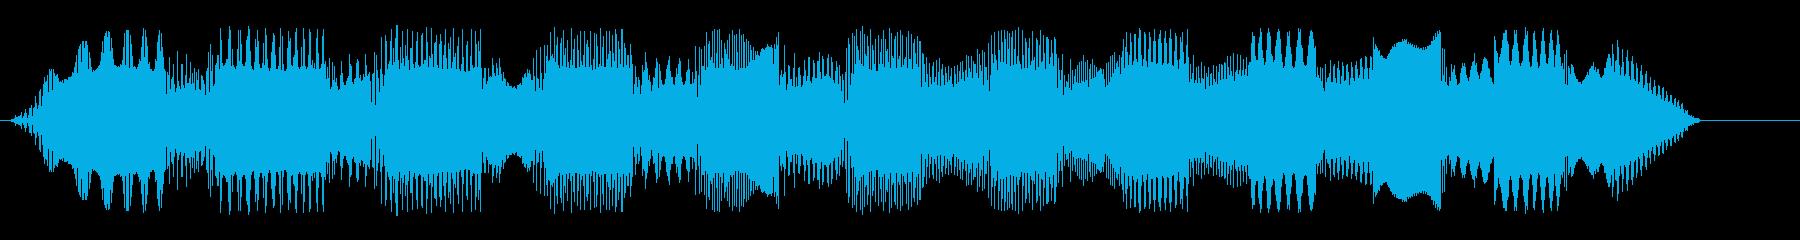 近未来的なUFOの効果音の再生済みの波形